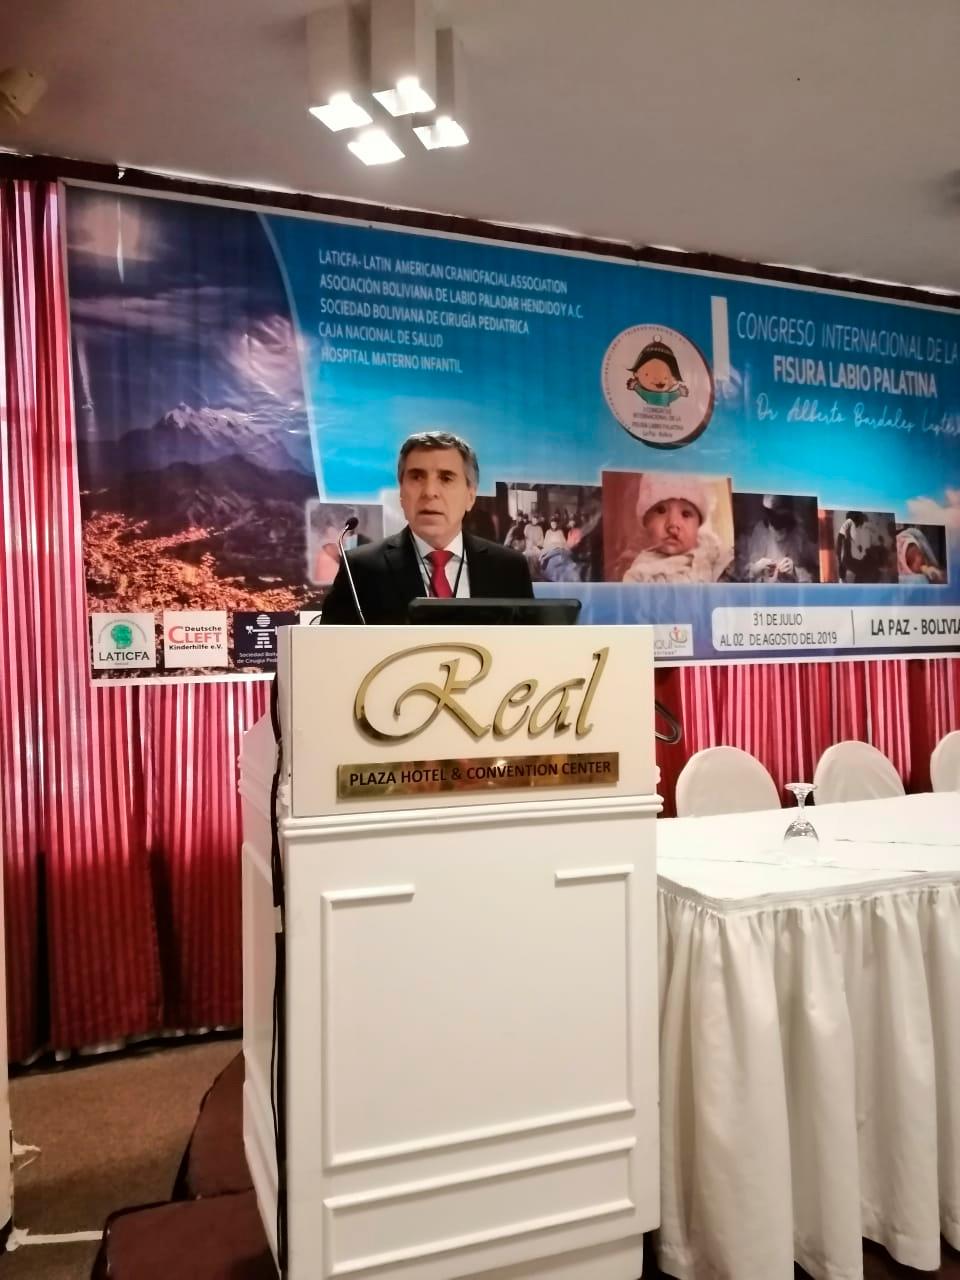 Congreso Internacional de la Fisura Labio Palatina en Bolivia